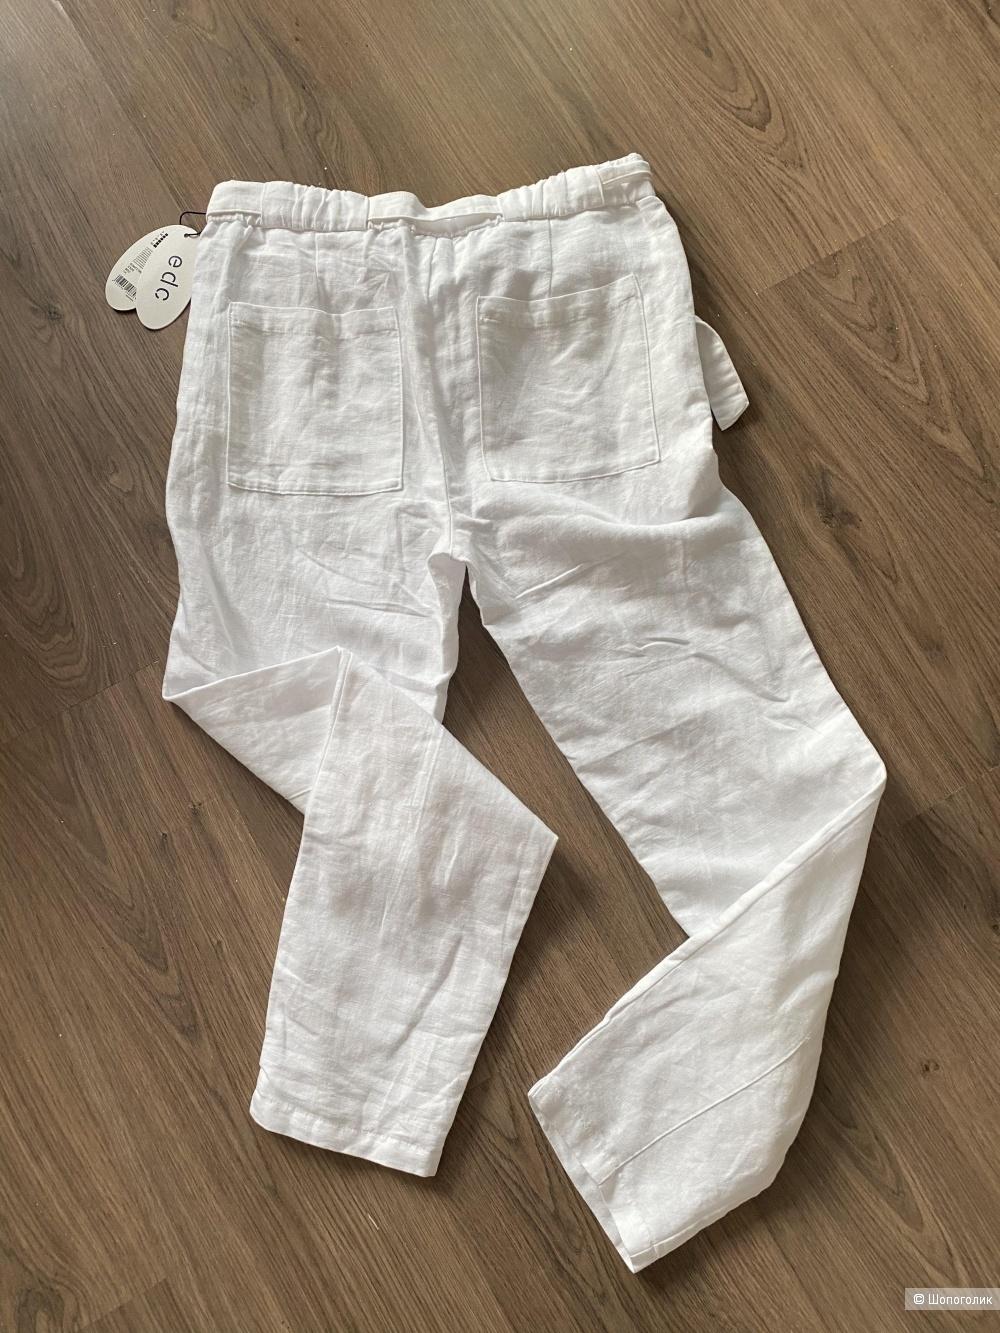 Льняные штаны Esprit, pp 34